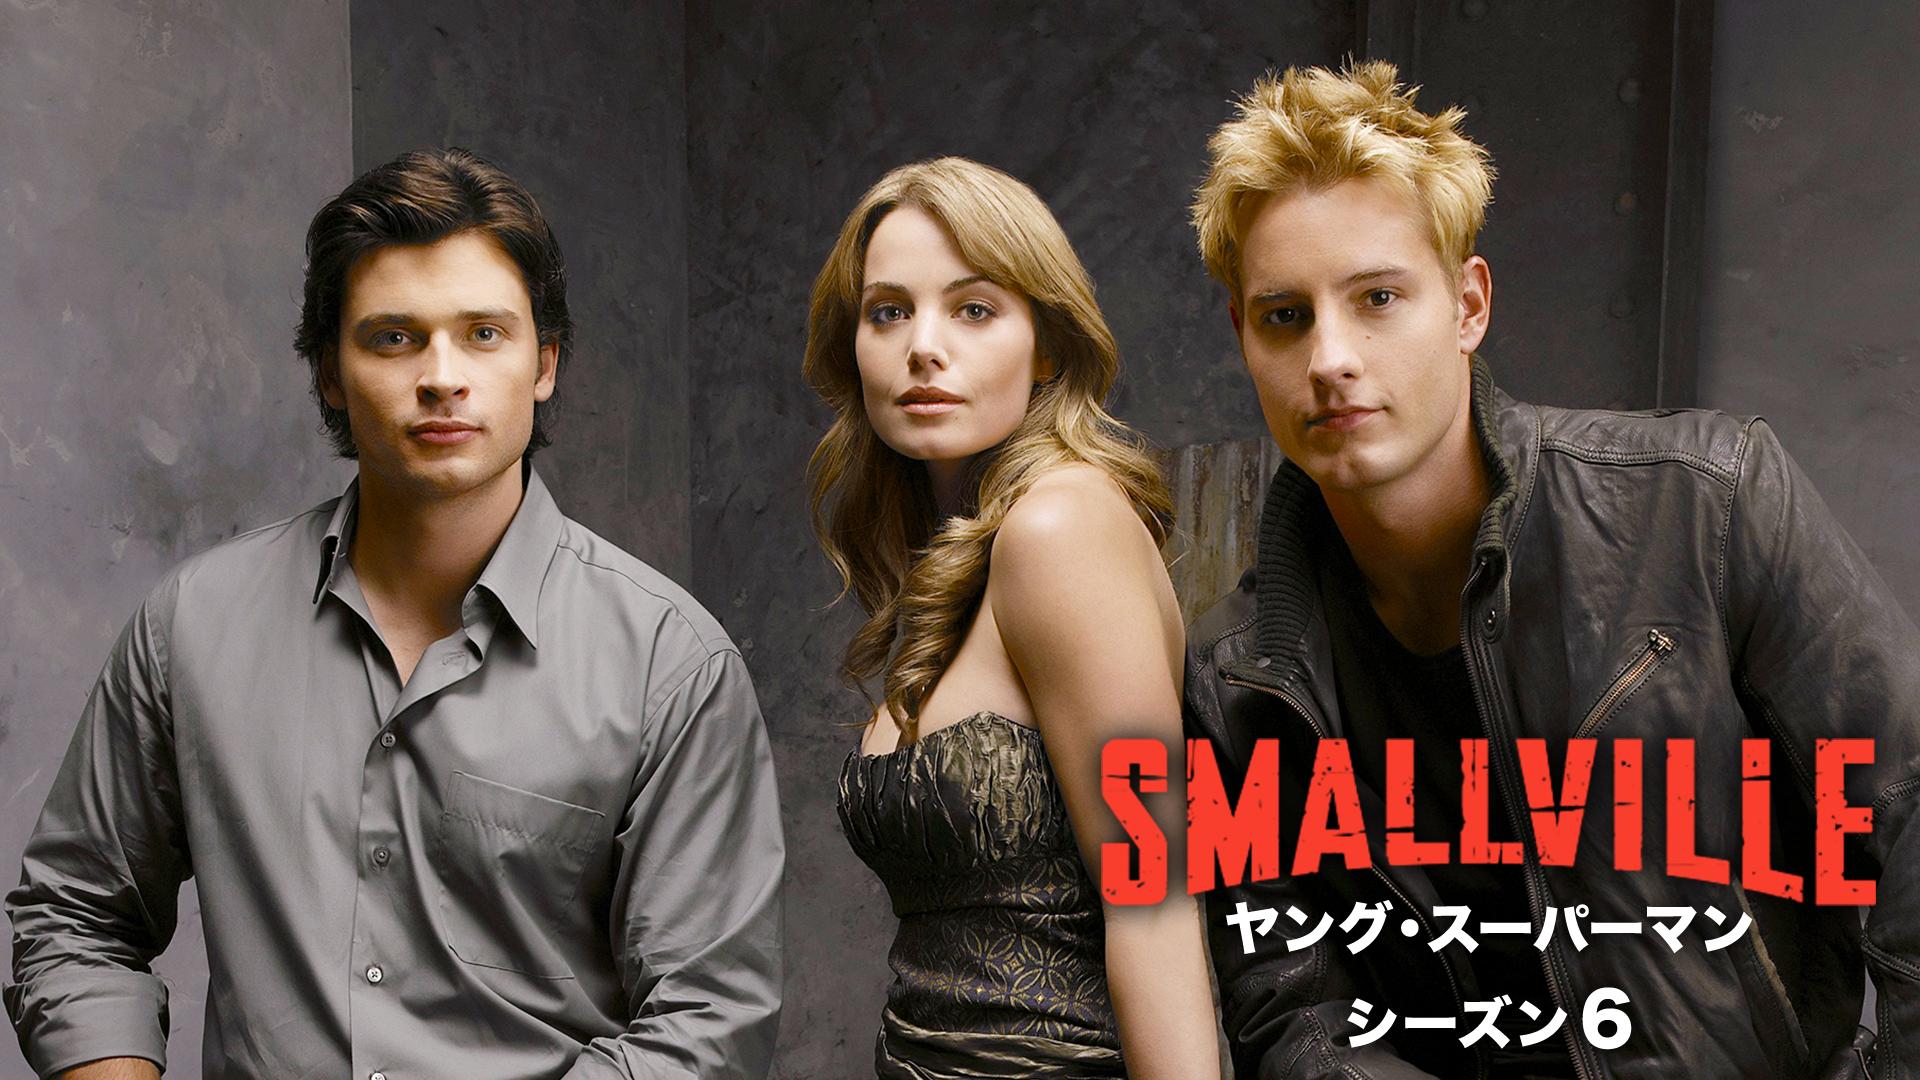 SMALLVILLE/ヤング・スーパーマン シーズン6の動画 - SMALLVILLE/ヤング・スーパーマン シーズン7